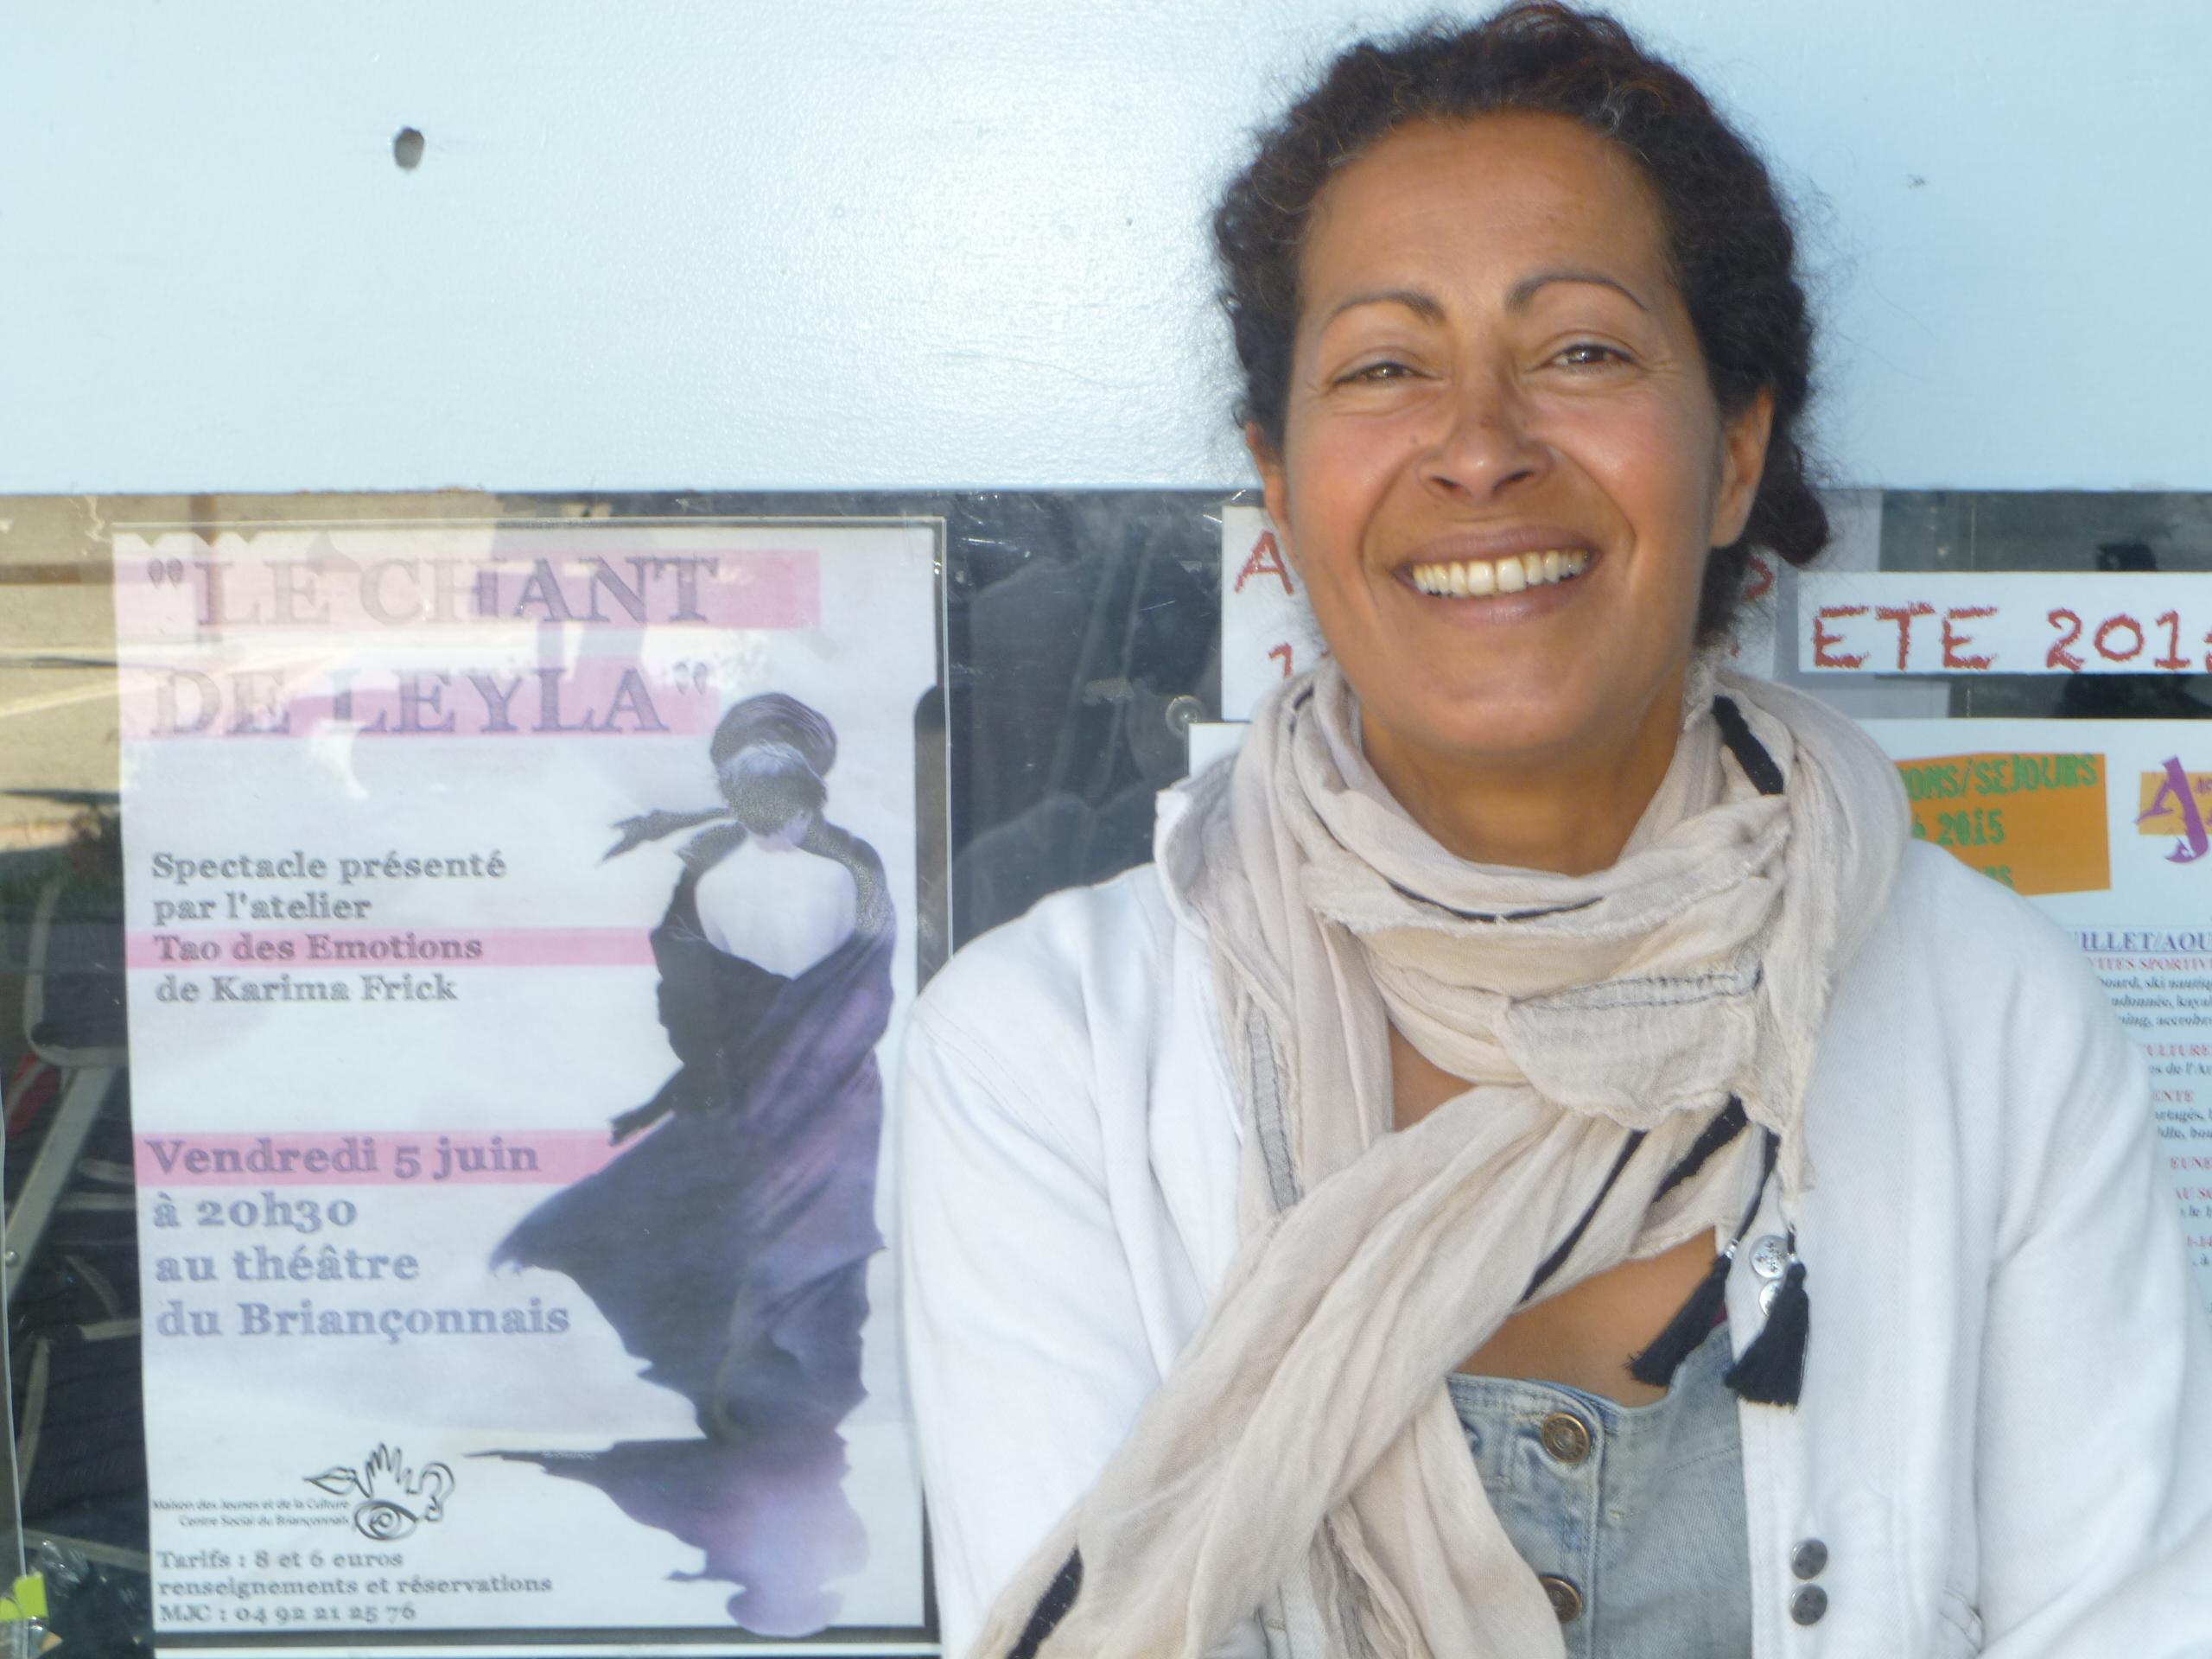 Le Chant de Leyla, un conte énergétique au théâtre du Briançonnais